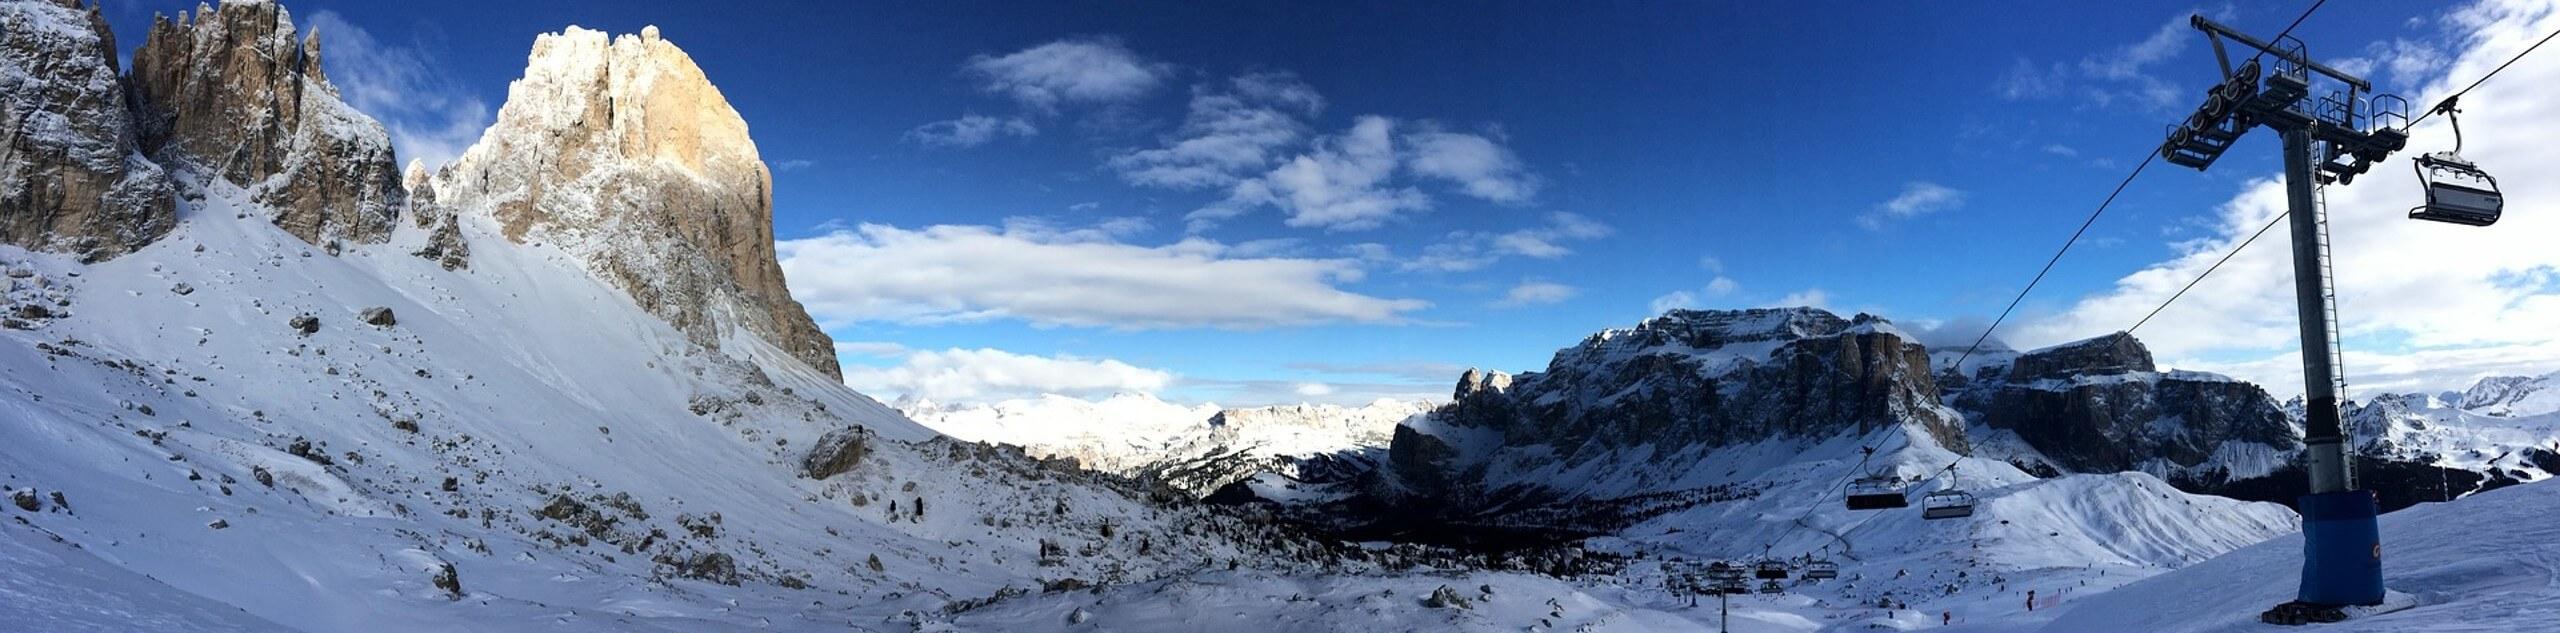 Ski Tour of the Italian Dolomites